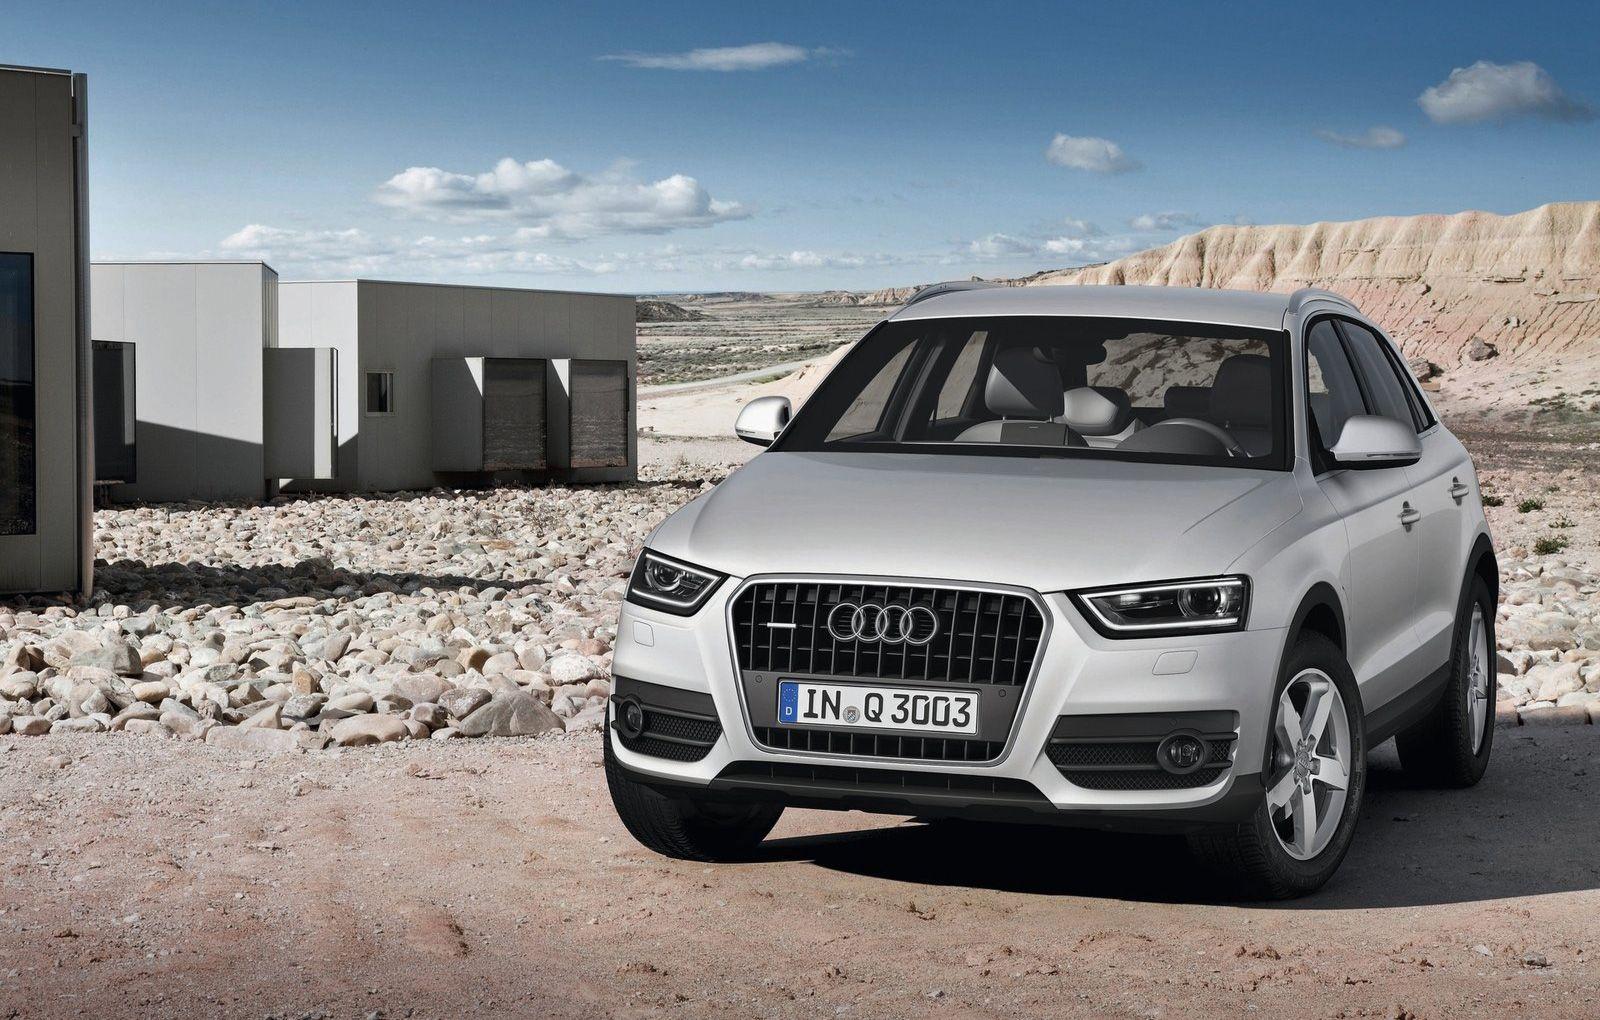 Audi Q3 With Images Audi Q3 Luxury Car Brands Audi